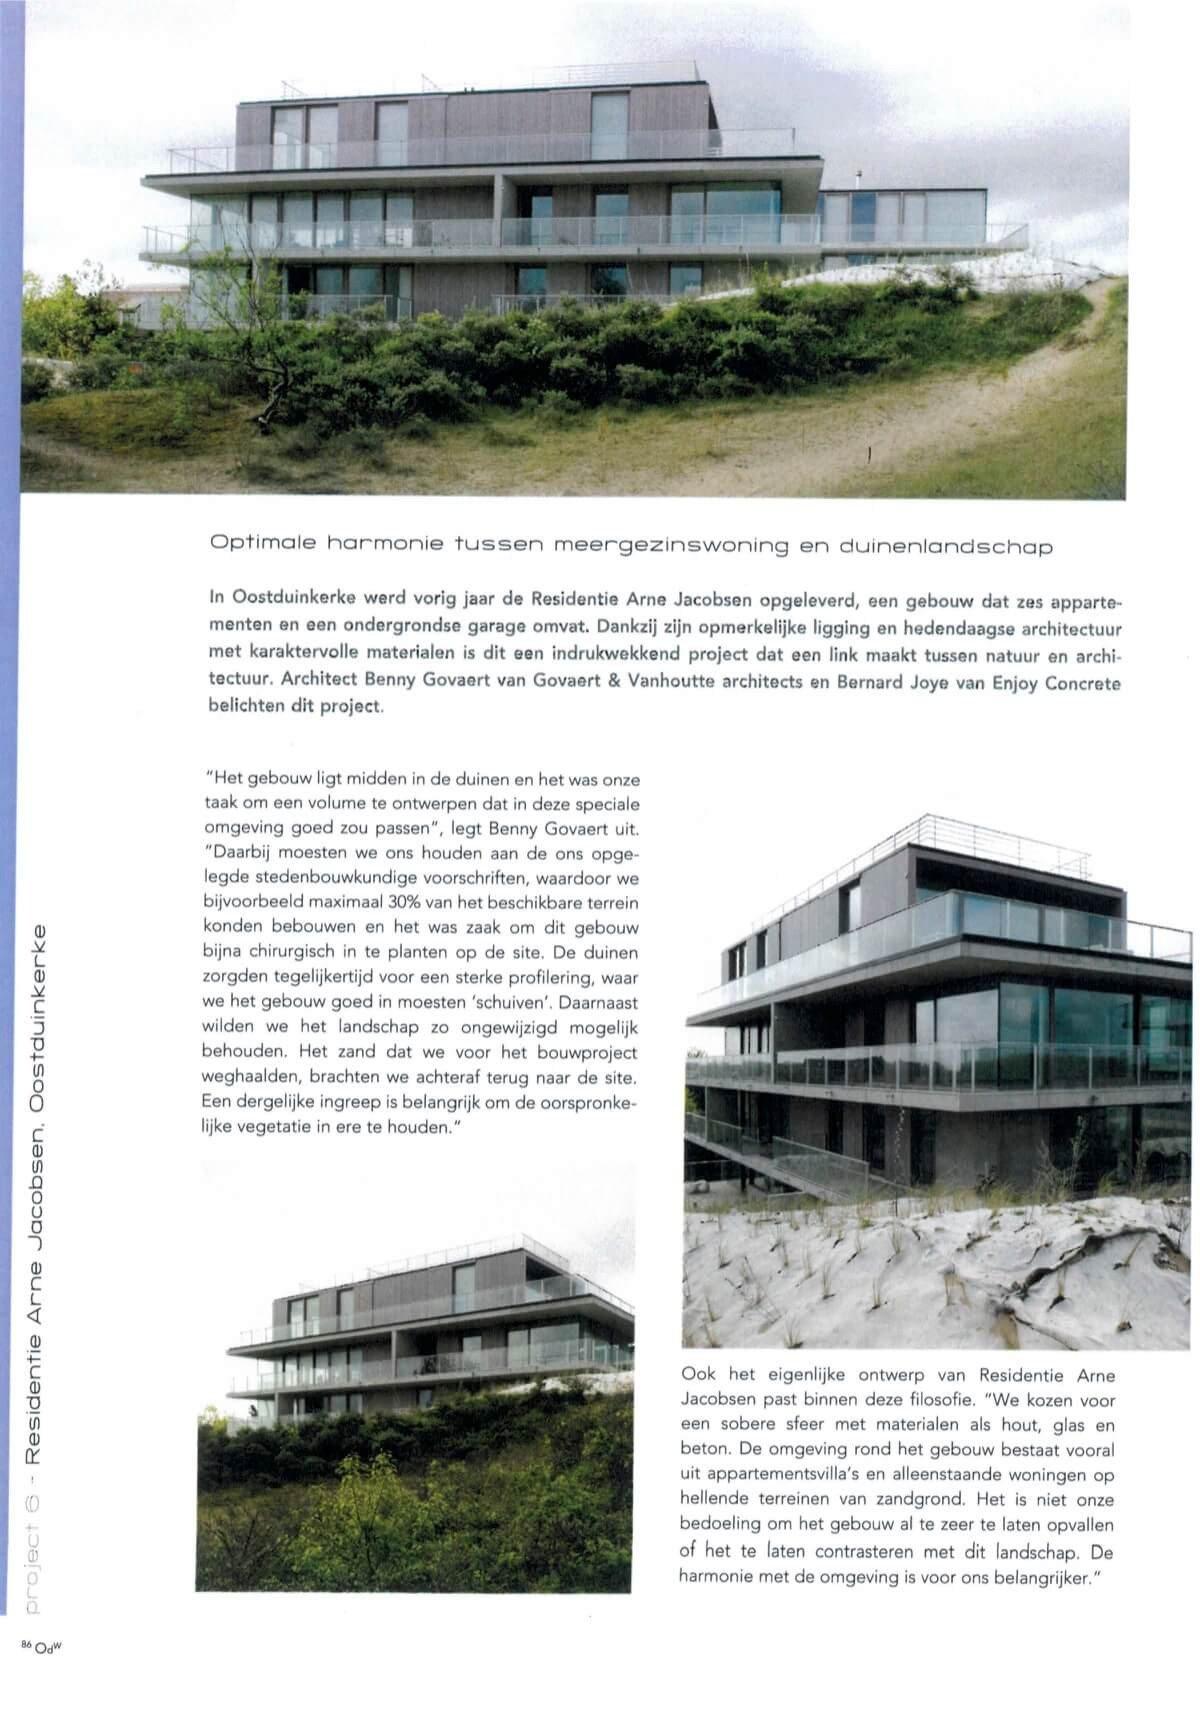 Op de Werf Juni 2013 - Residentie Arne Jacobsen 2.jpg